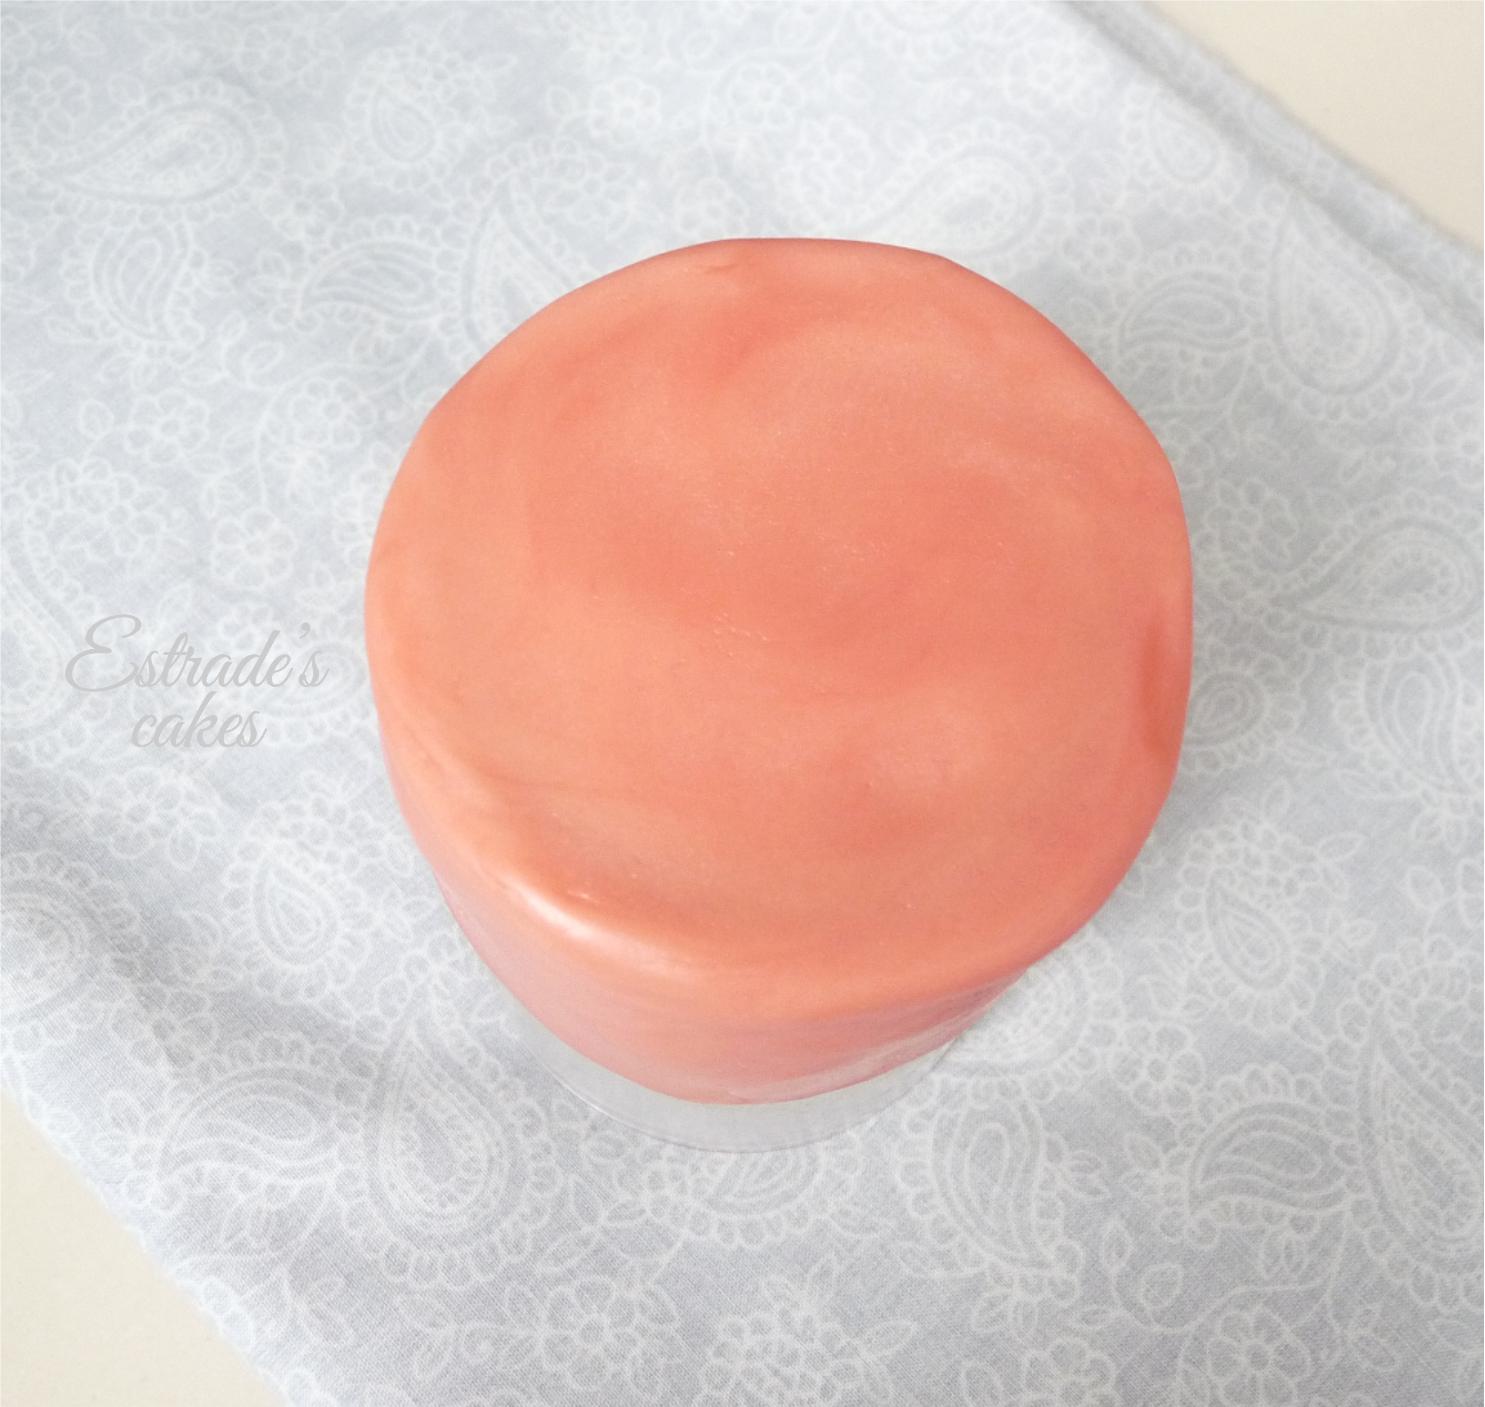 Chocolate plástico de modelar blanco, prueba 4 - pastel